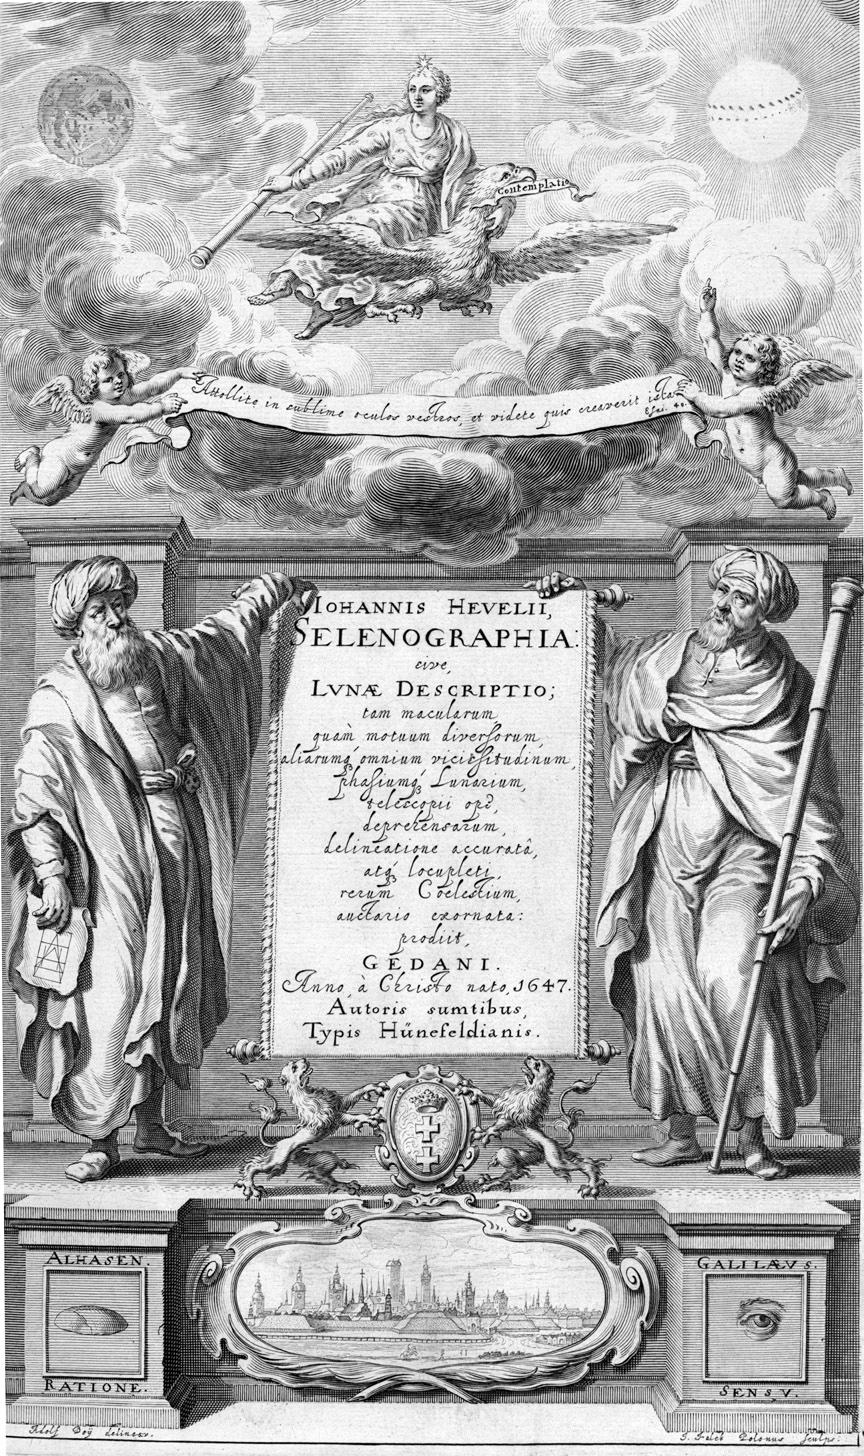 Hevelius Selenographia frontispiece